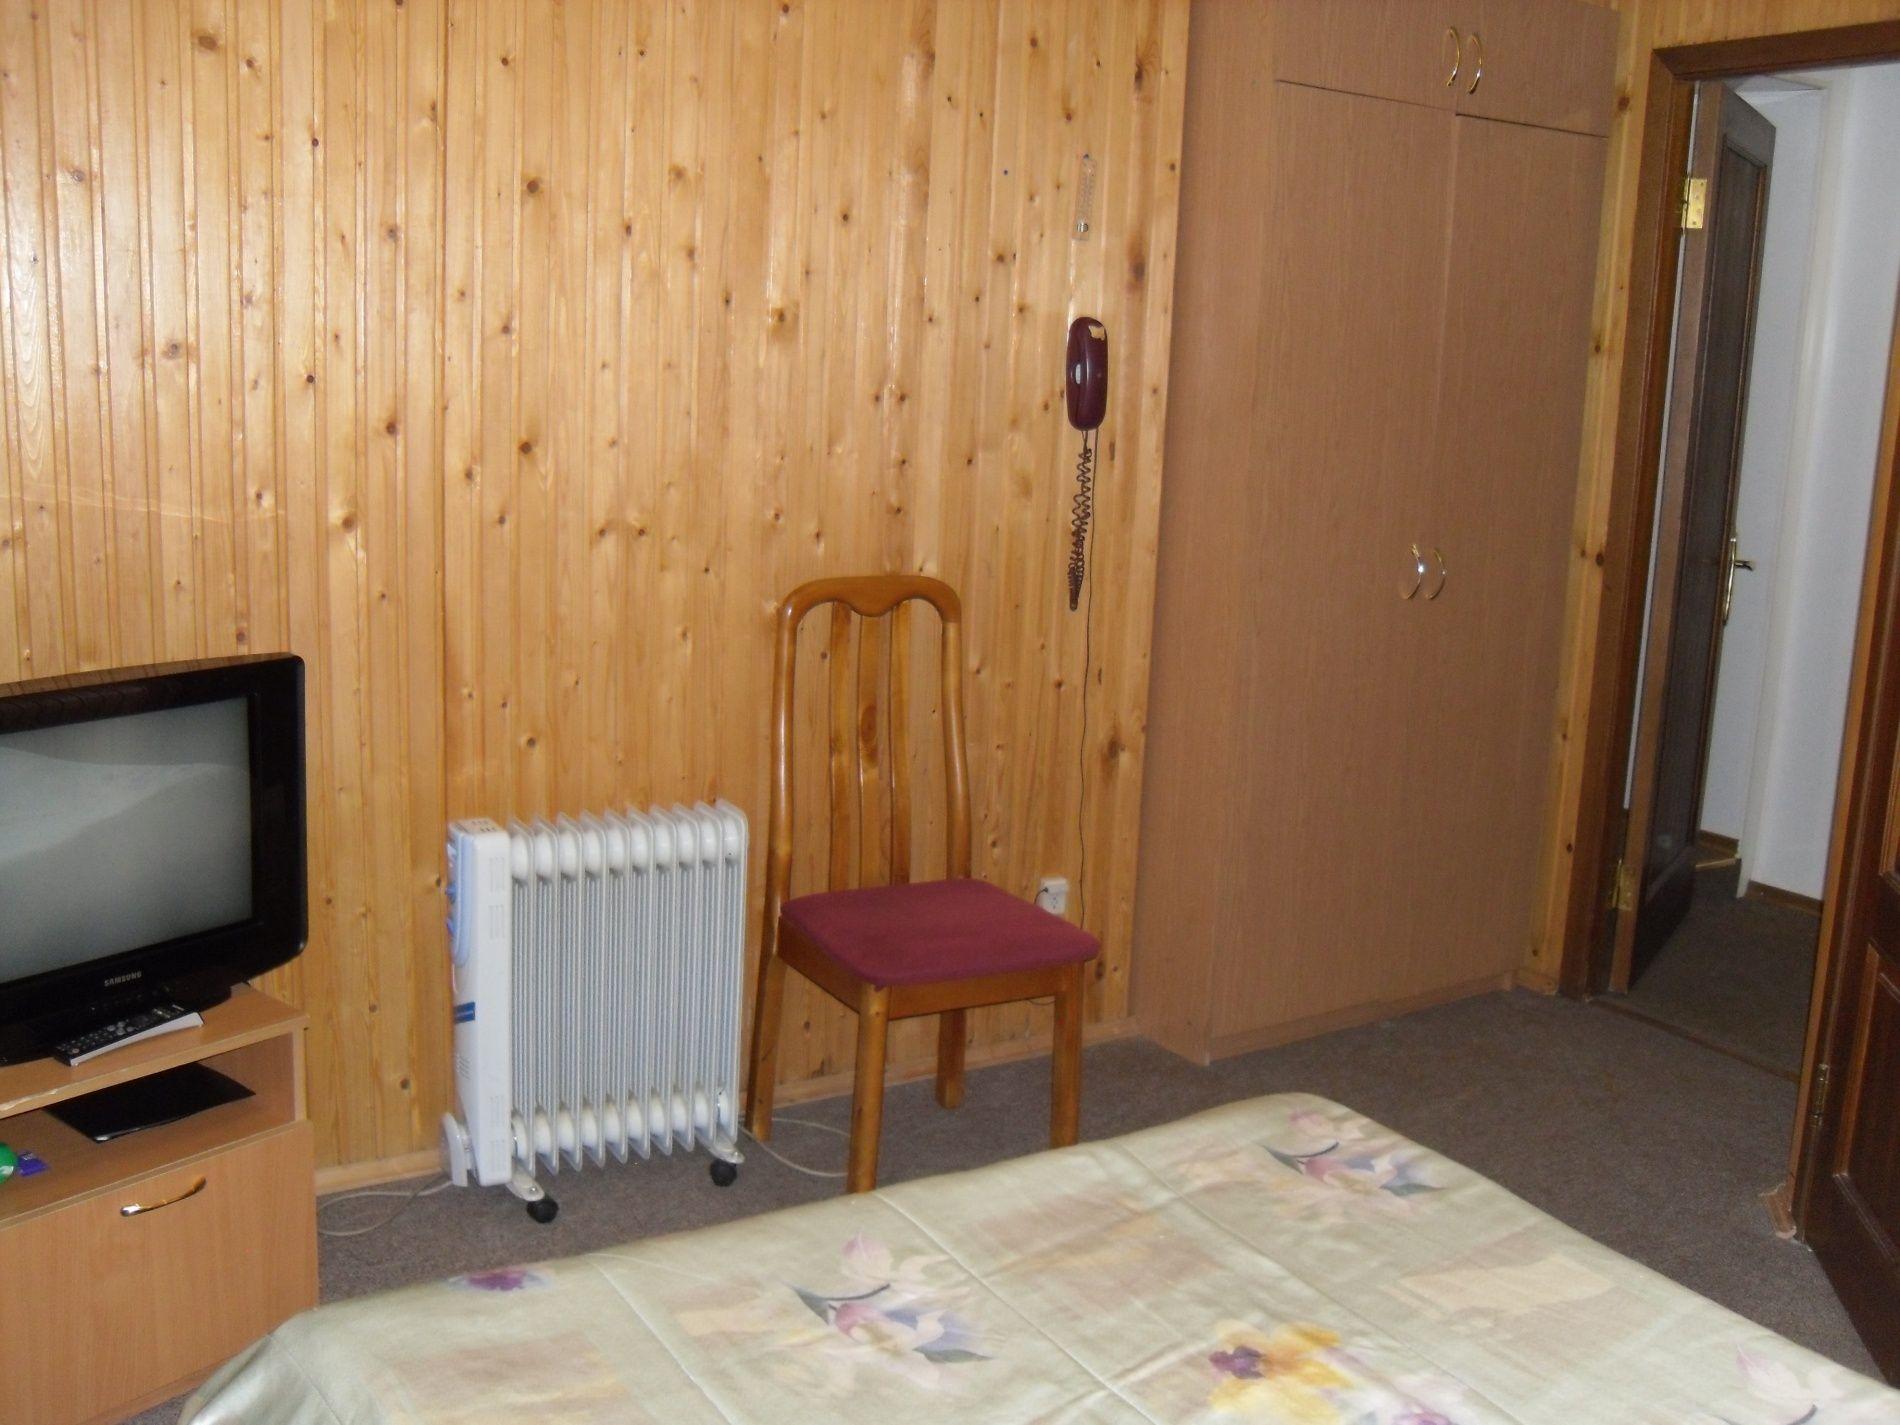 Туристический комплекс «Мирная Пристань» Ивановская область 1-комнатный номер 1 категории (№ 4, 6, 19, 10), фото 7